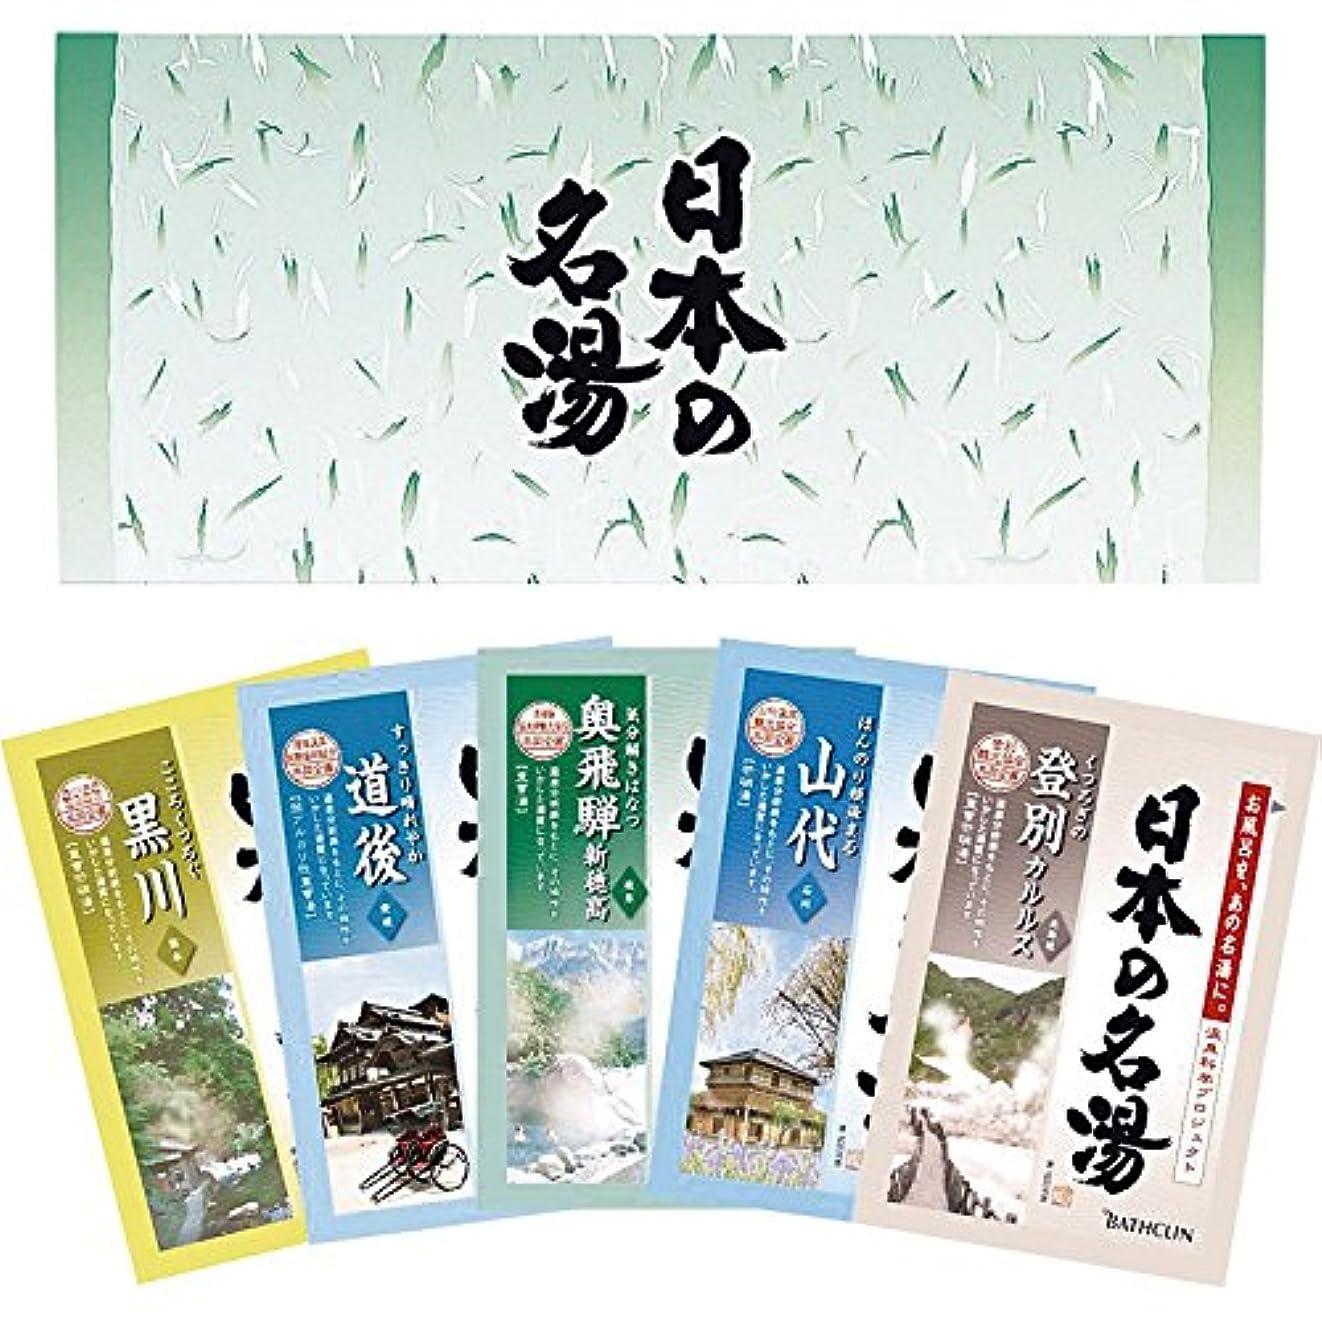 申し立て大陸シャンプーバスクリン 日本の名湯 5包セット OT-3D 【洗面所 入浴剤 温泉 薬用 5袋 リラックス おふろ バスグッズ】